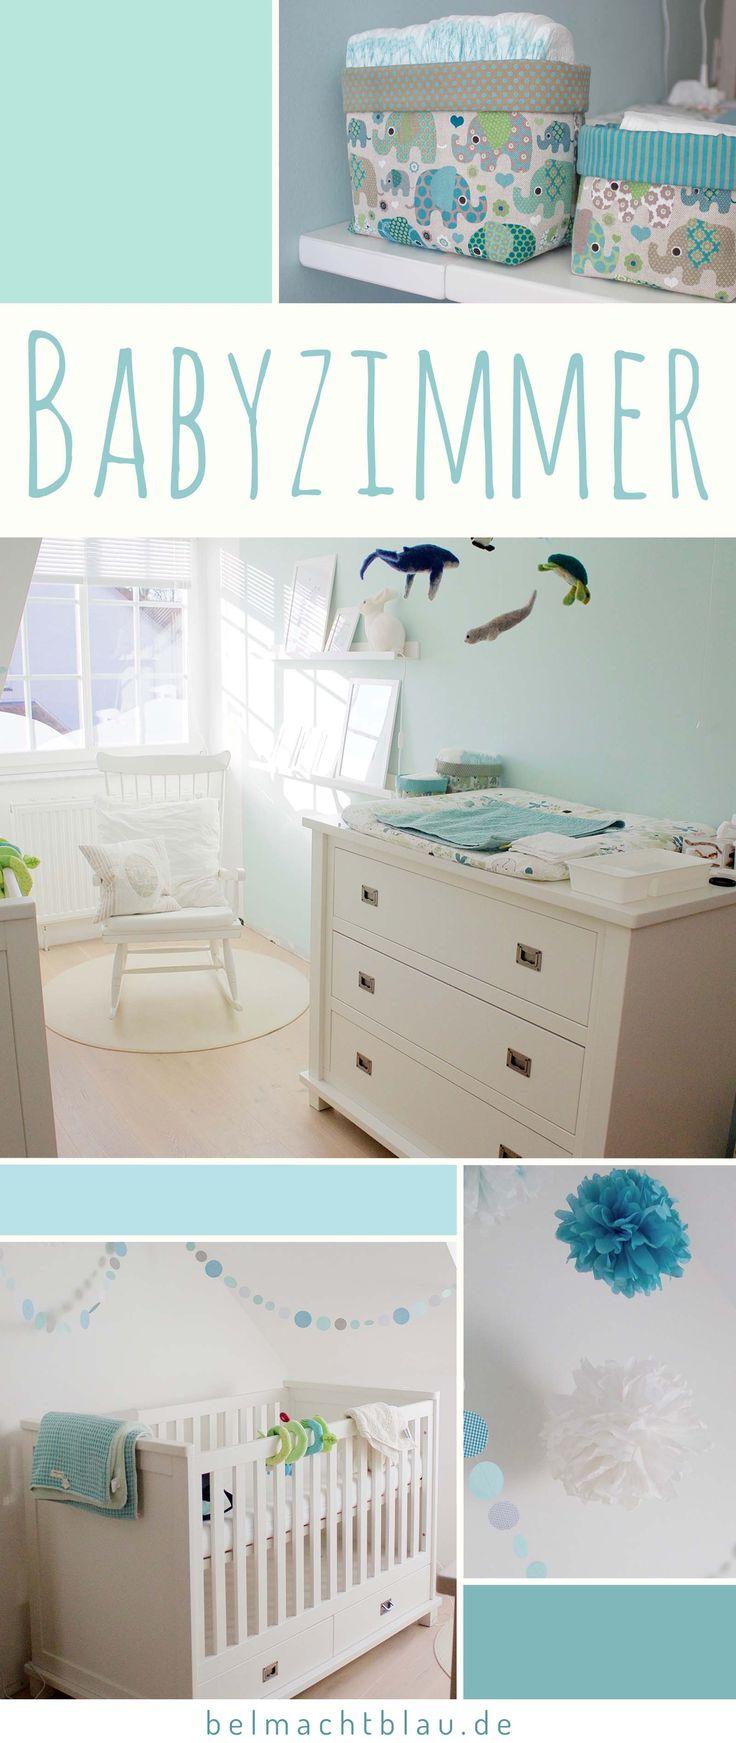 best 25+ babyzimmer ideen ideas on pinterest - Diy Baby Deko